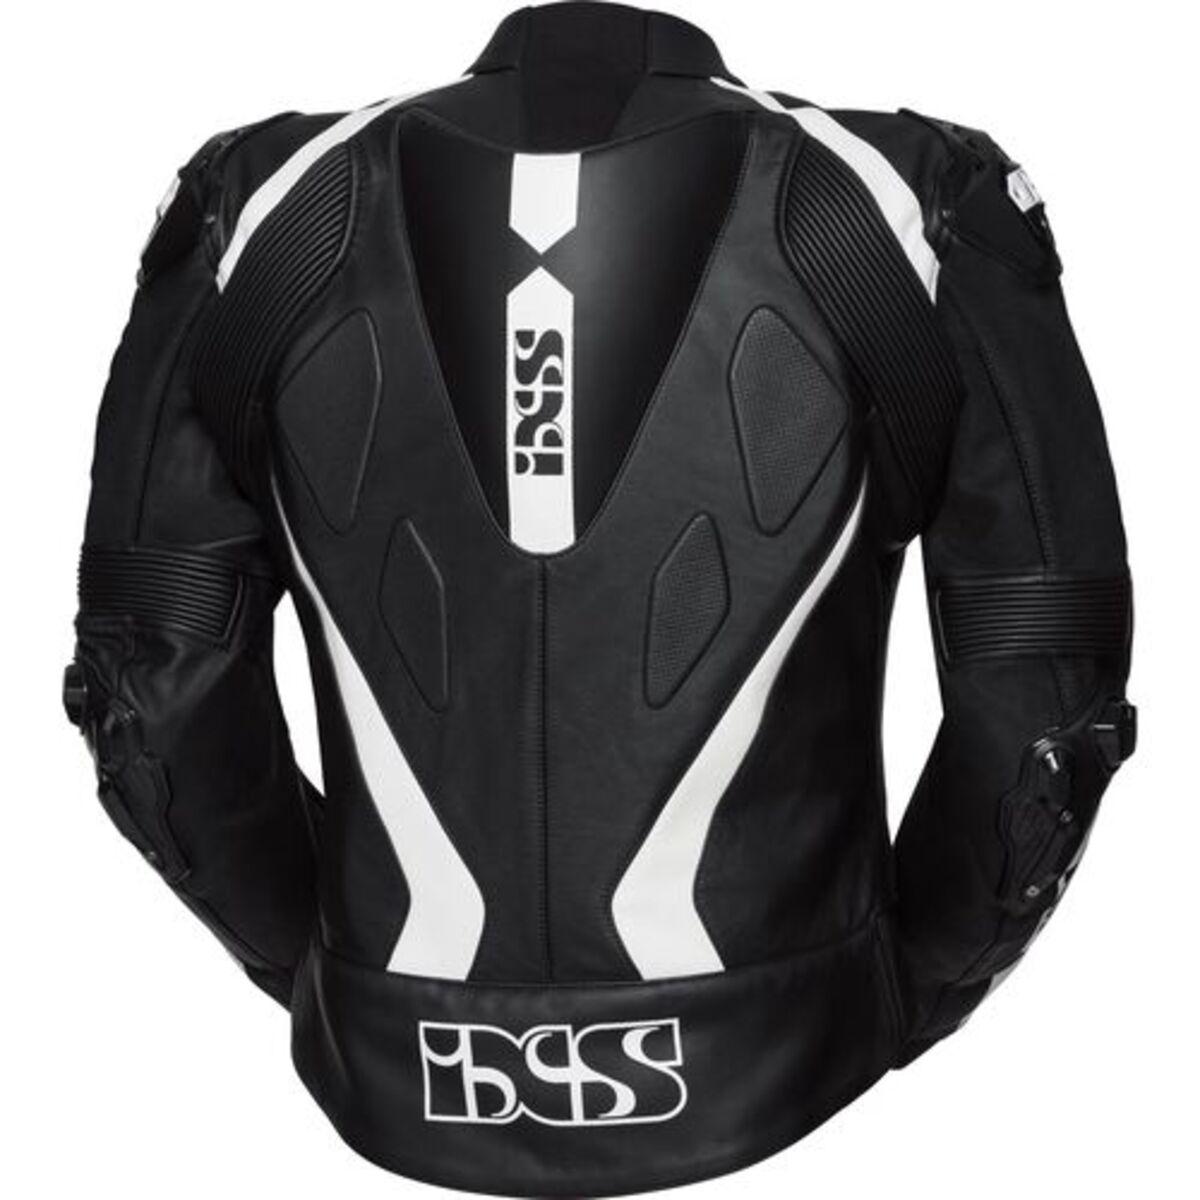 Bild 2 von IXS            Sport LD Jacke RS-1000 schwarz/weiß